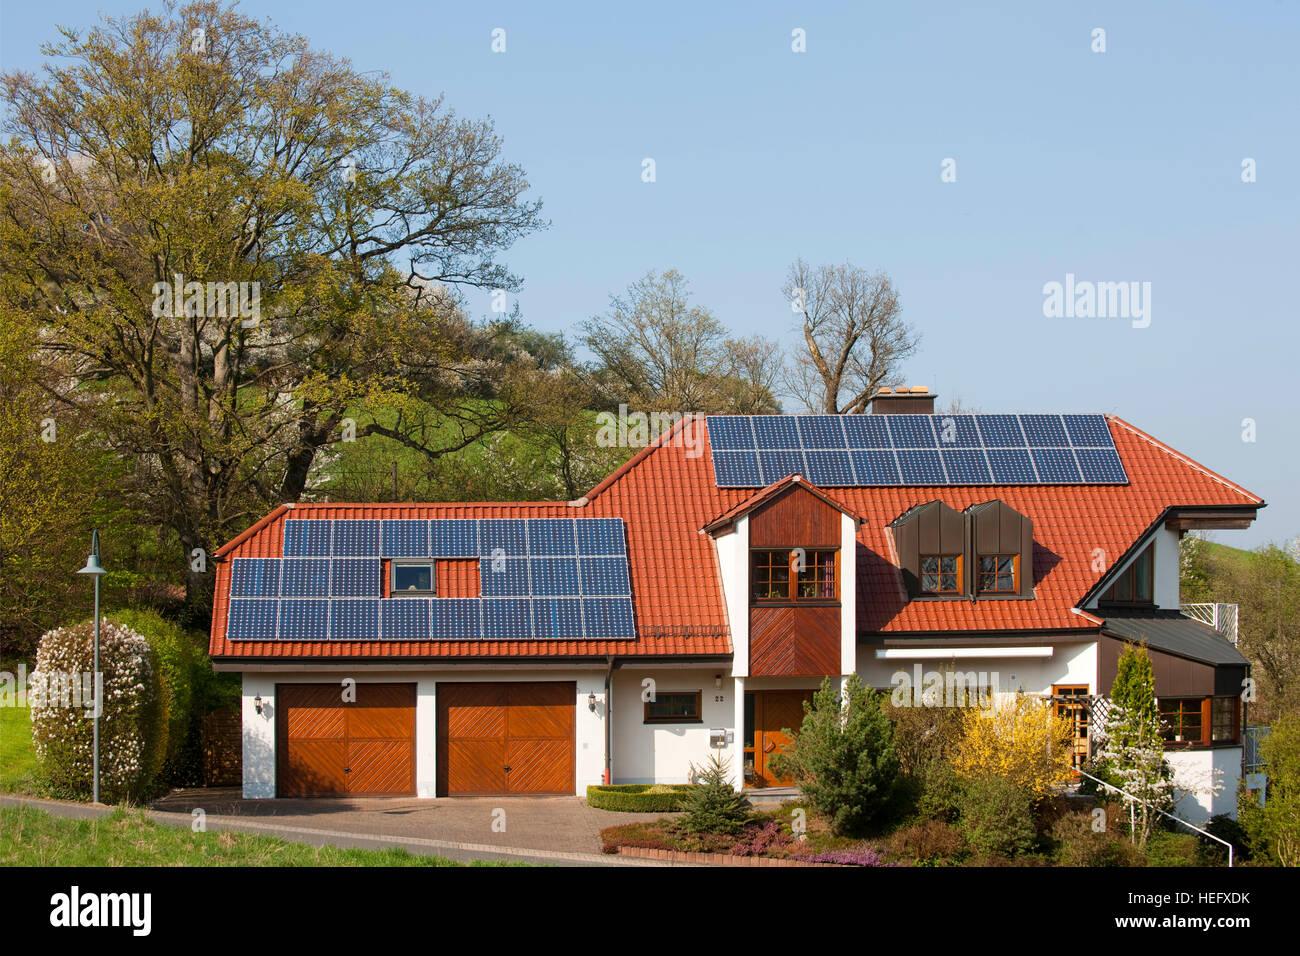 Deutschland, Nordrhein-Westfalen, Kreis Euskirchen, Stadt Schleiden, Haus Mit Solarenergieanlage. Stockbild